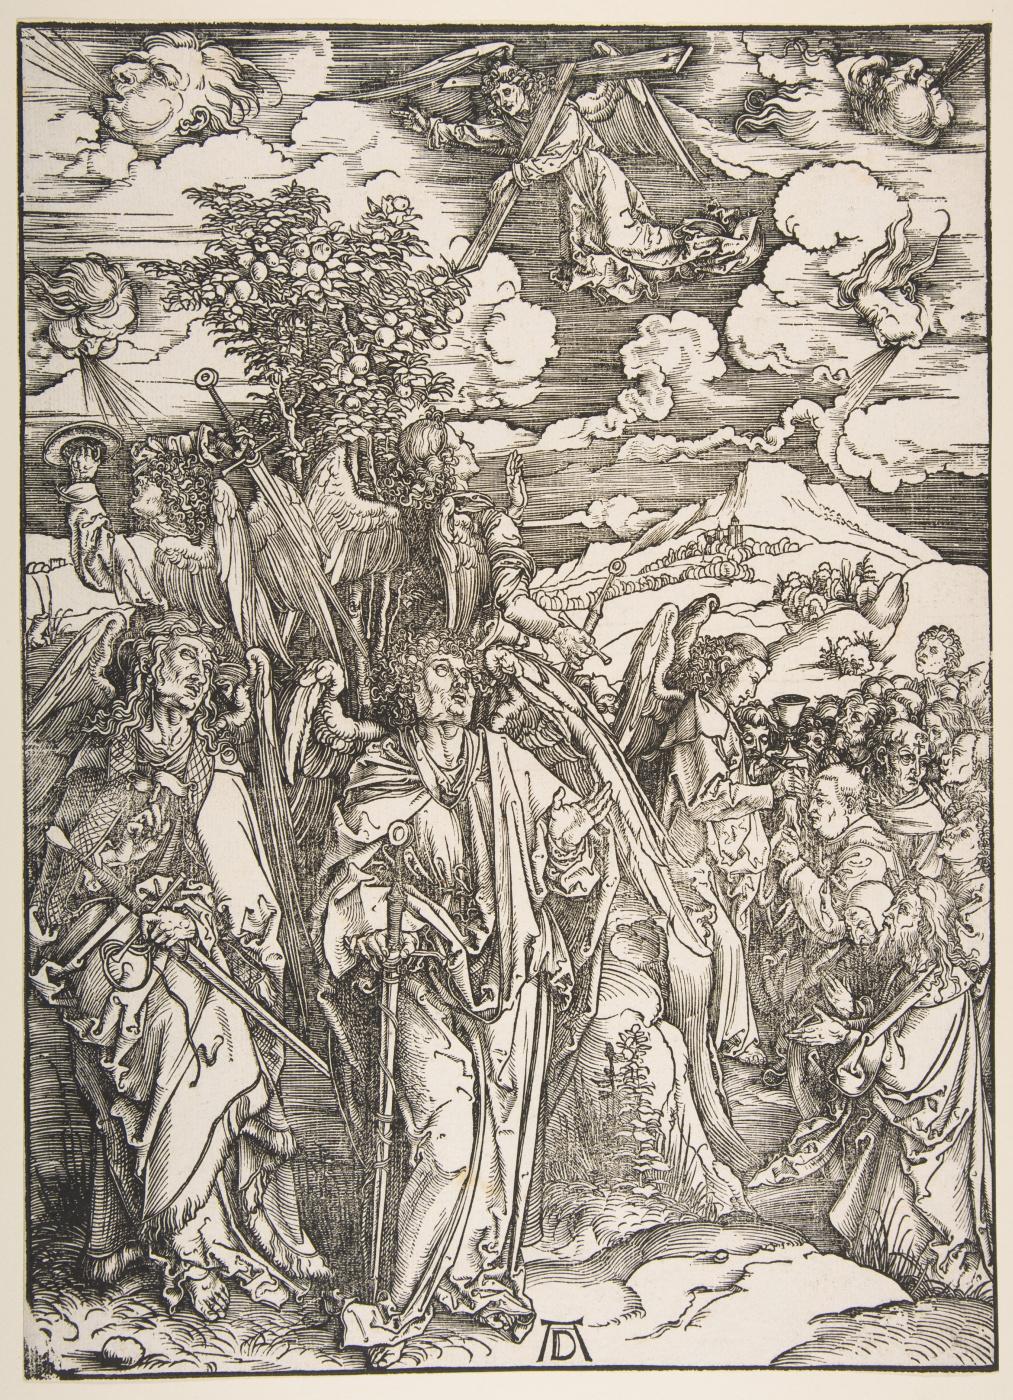 Albrecht Dürer. Angels holding the four winds